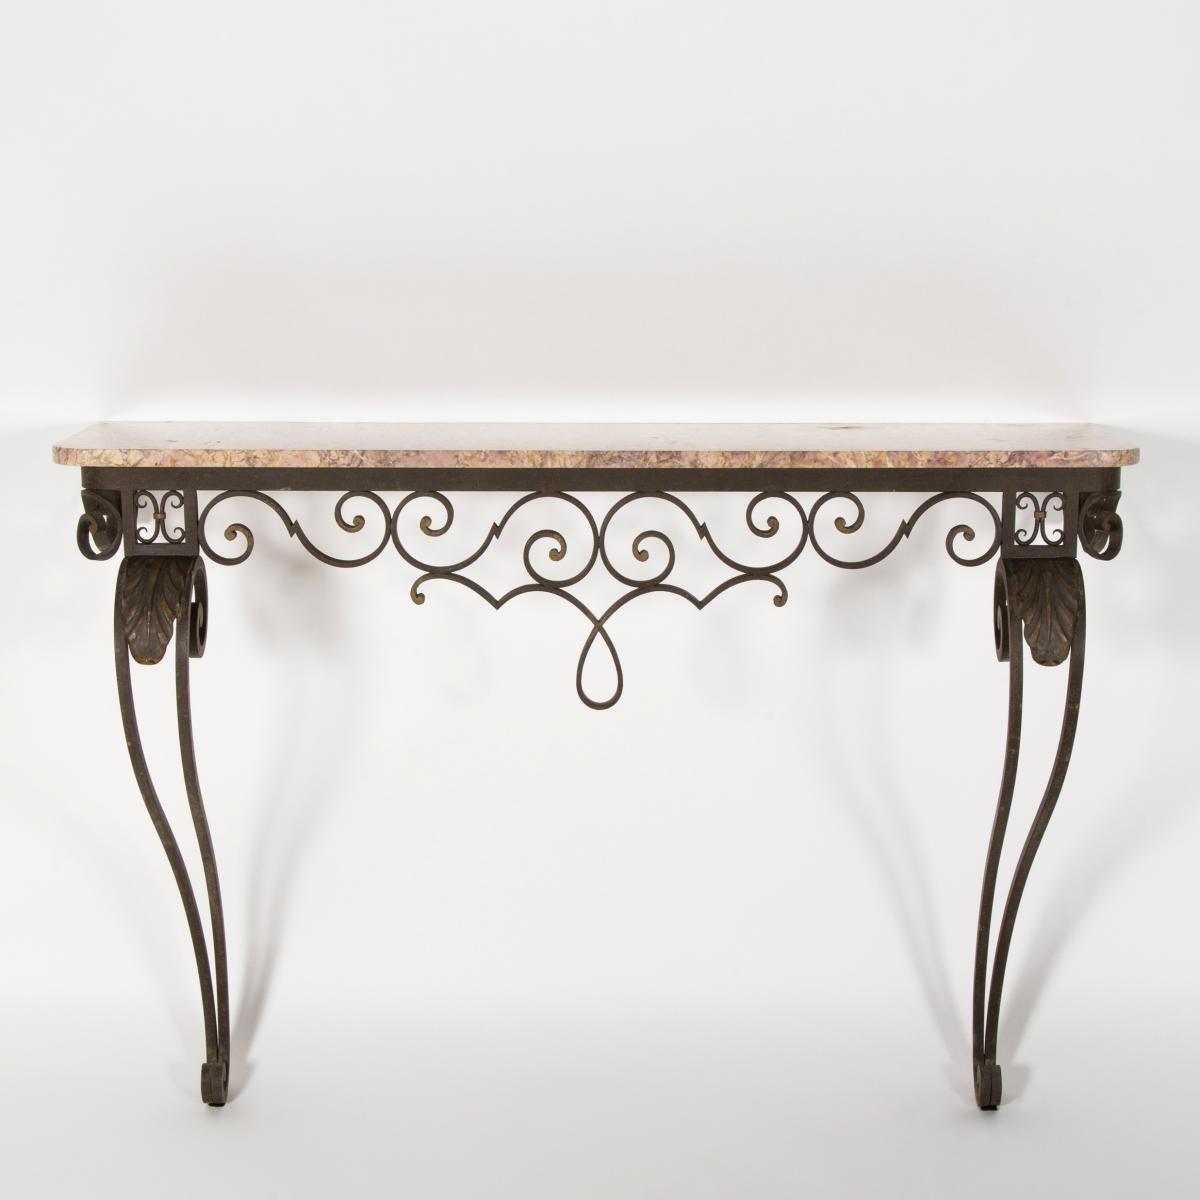 Console en ferronnerie d'art et marbre, XIXe